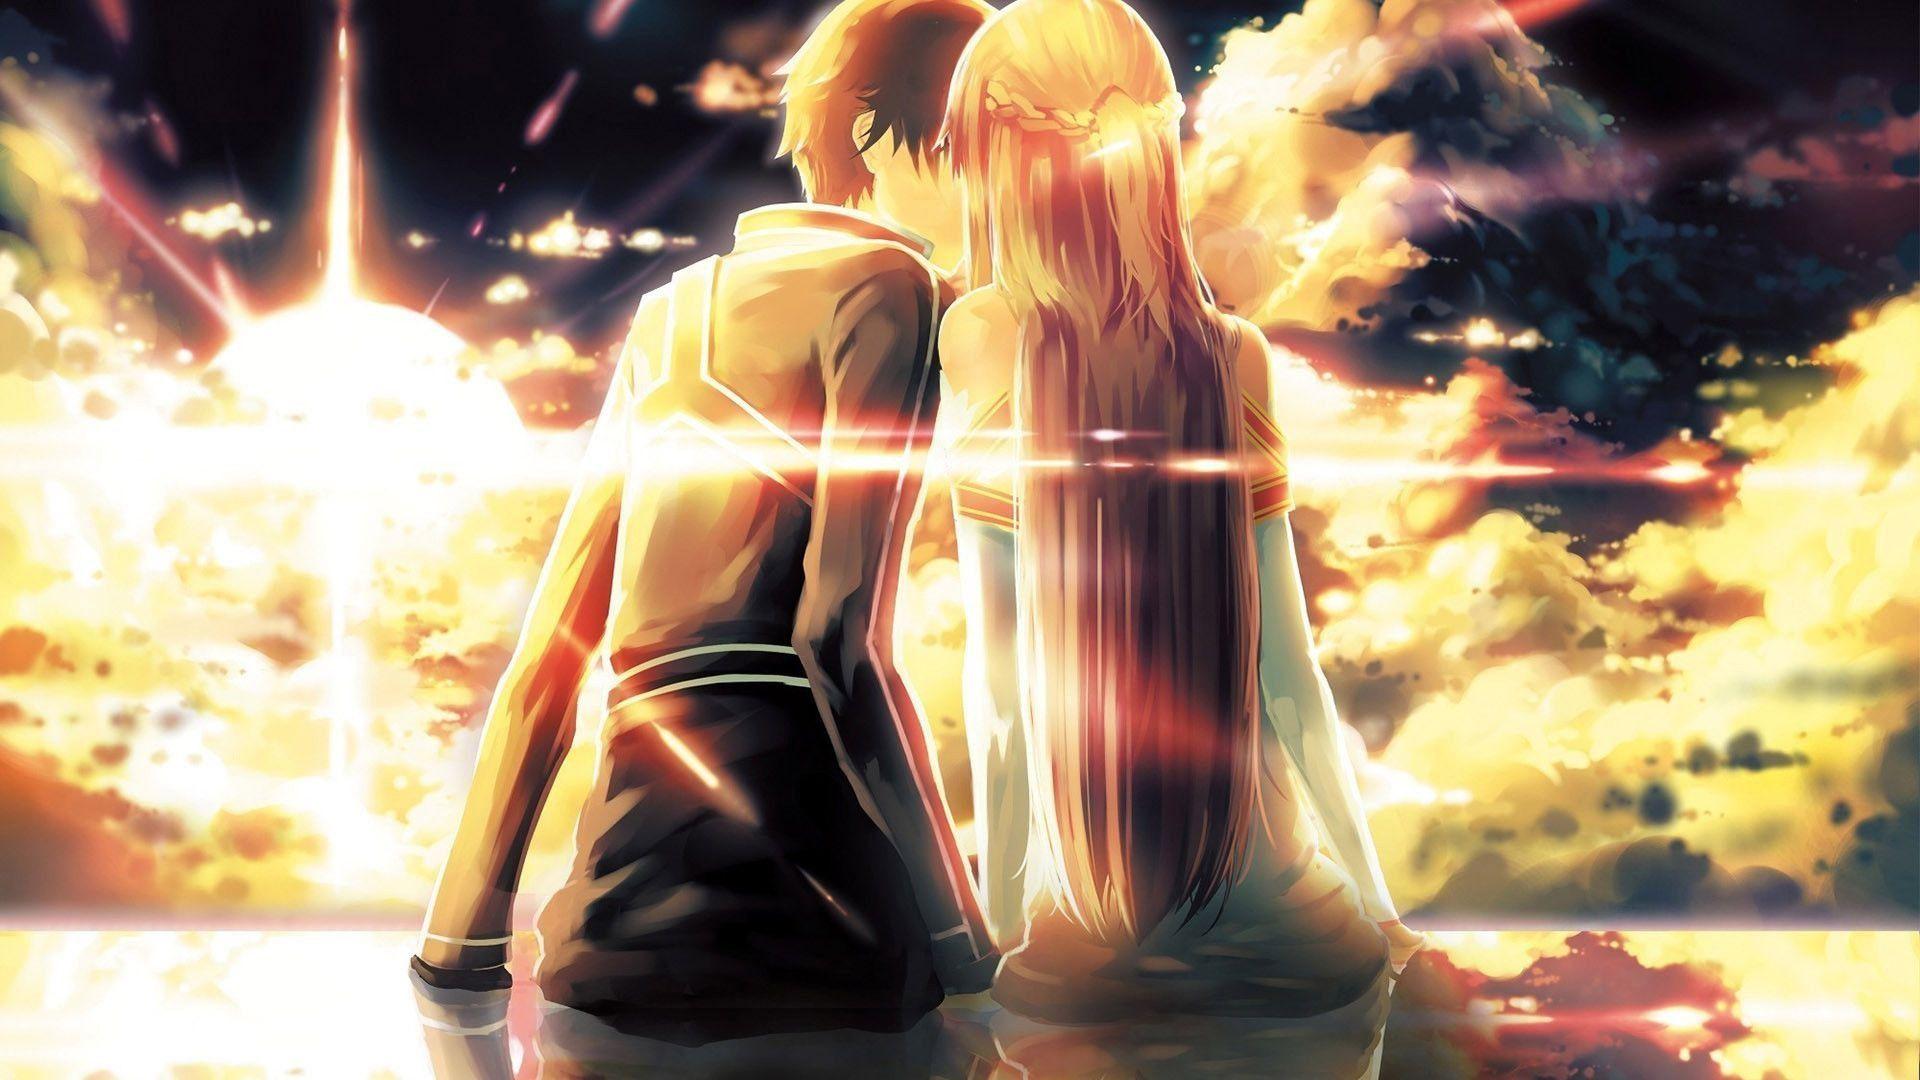 Anime Couple Hd Backgrounds Free Download Latest Anime Couple Hd Backgrounds For Computer Mobil Sword Art Online Wallpaper Sword Art Online Kirito Sword Art